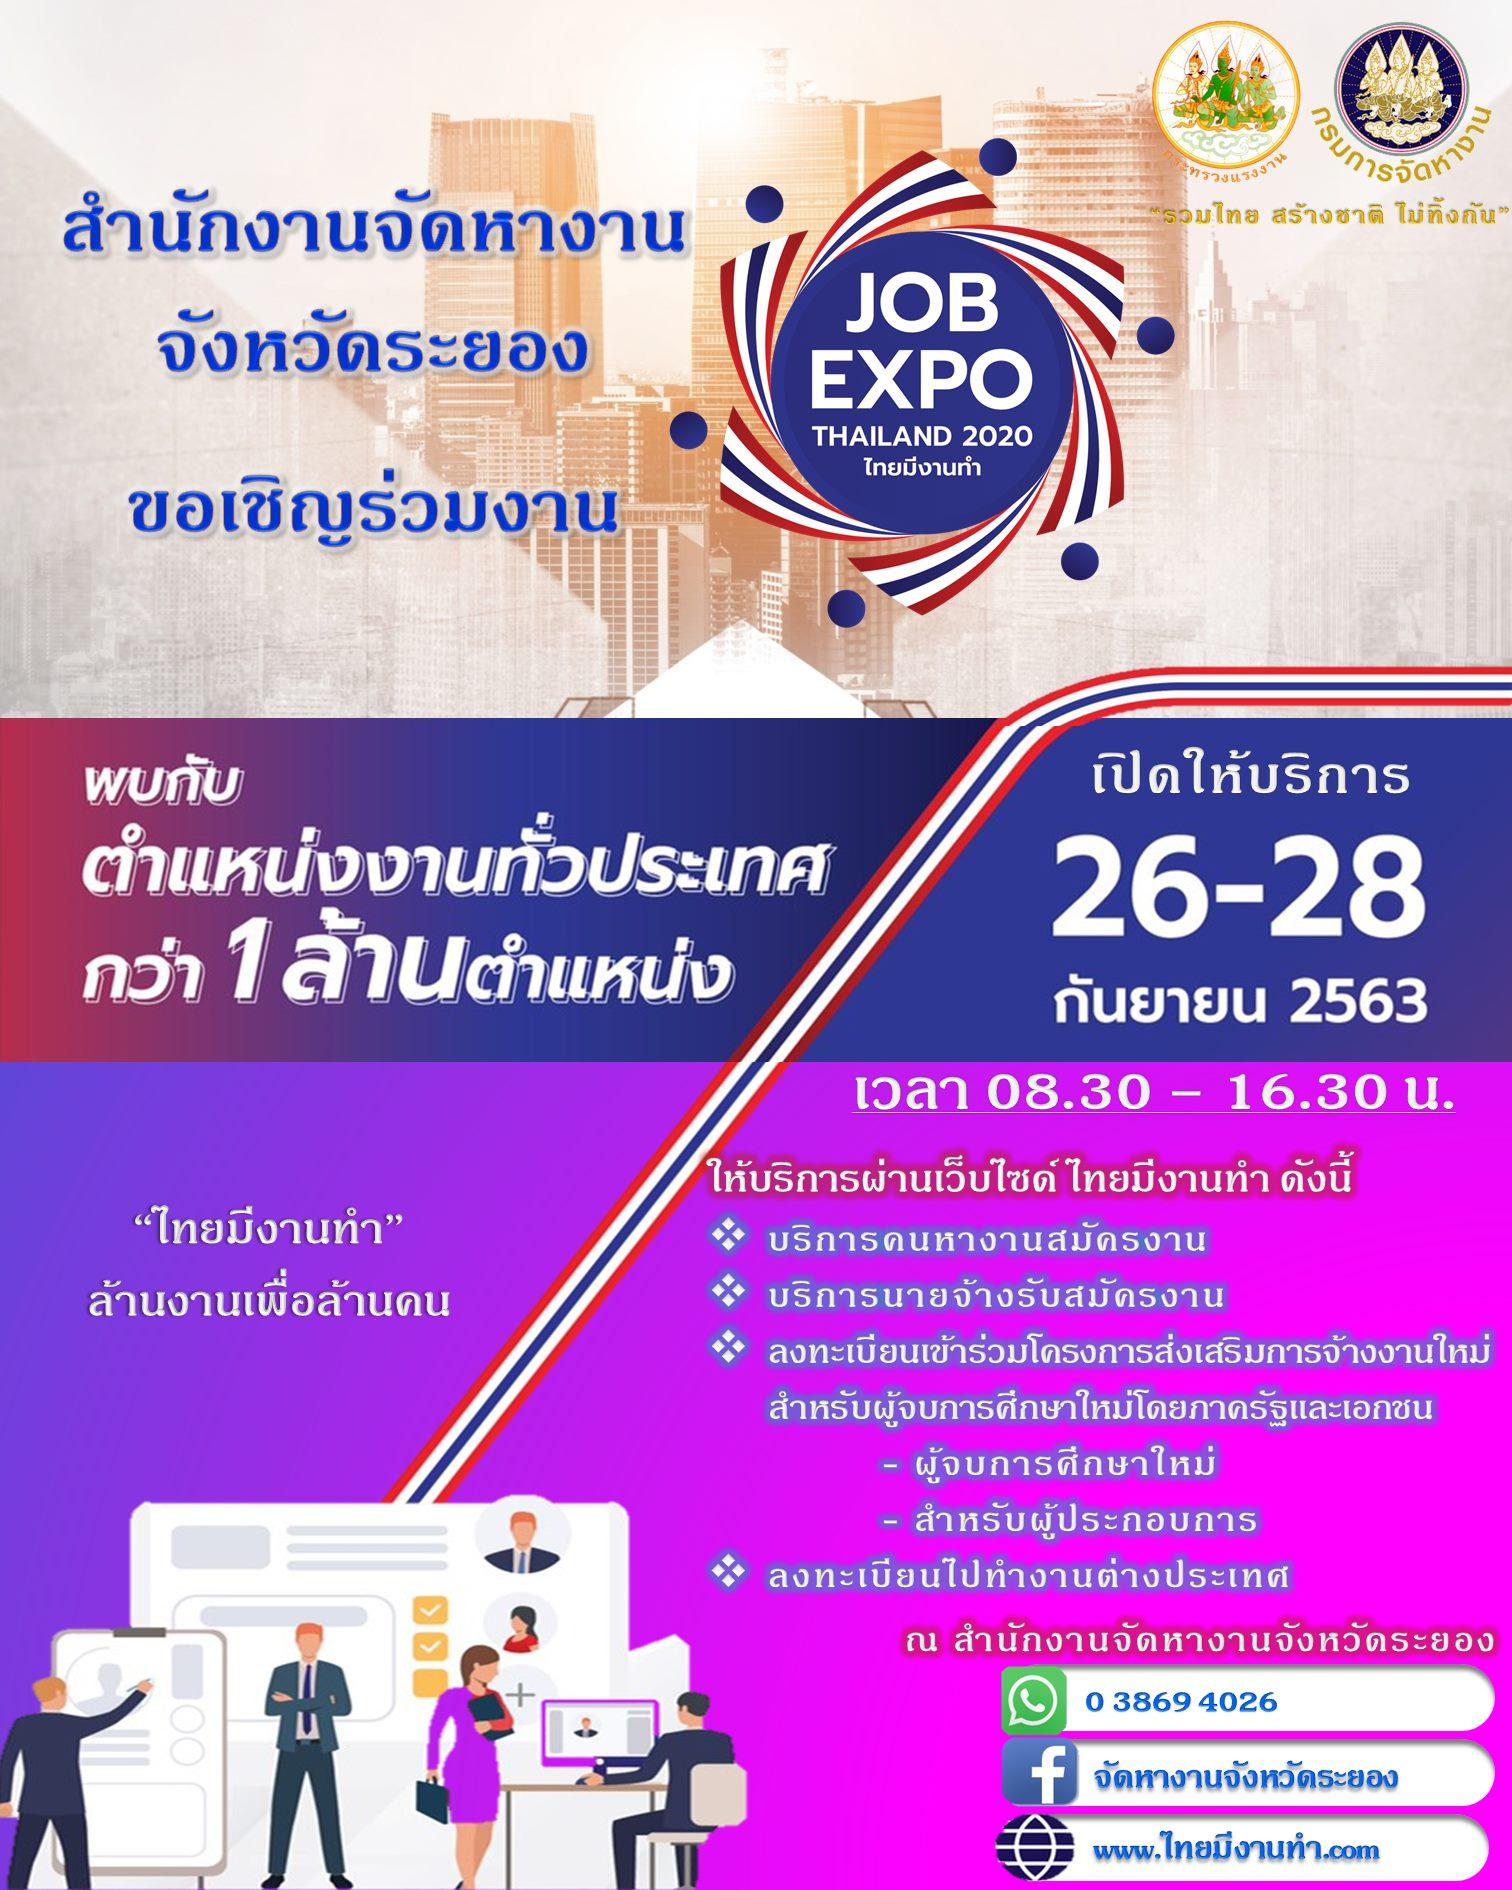 """สำนักงานจัดหางานจังหวัดระยอง ขอประชาสัมพันธ์เรียนเชิญผู้สนใจร่วมงาน """"JOB EXPO THAILAND 2020 เพื่อคนไทยมีงานทำ"""" สำหรับผู้ที่ไม่สามารถเดินทางไปร่วมงานที่ไบเทคบางนา"""